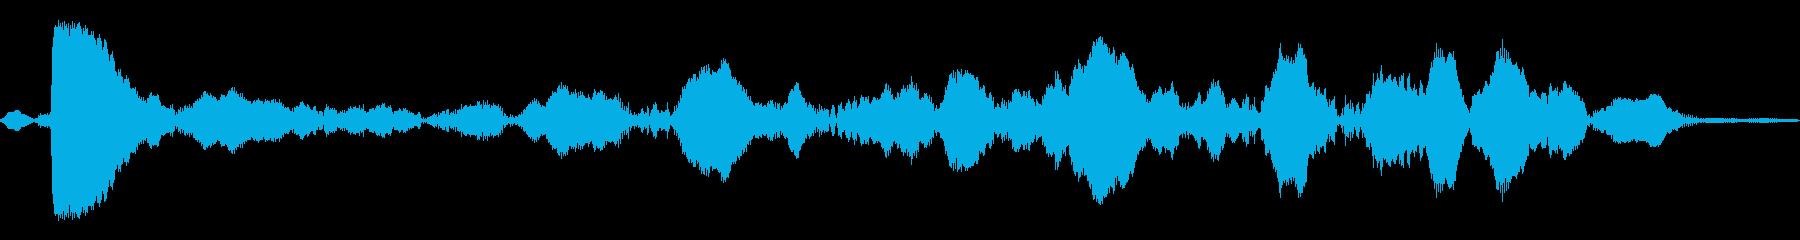 ビープ音が鳴る27の再生済みの波形